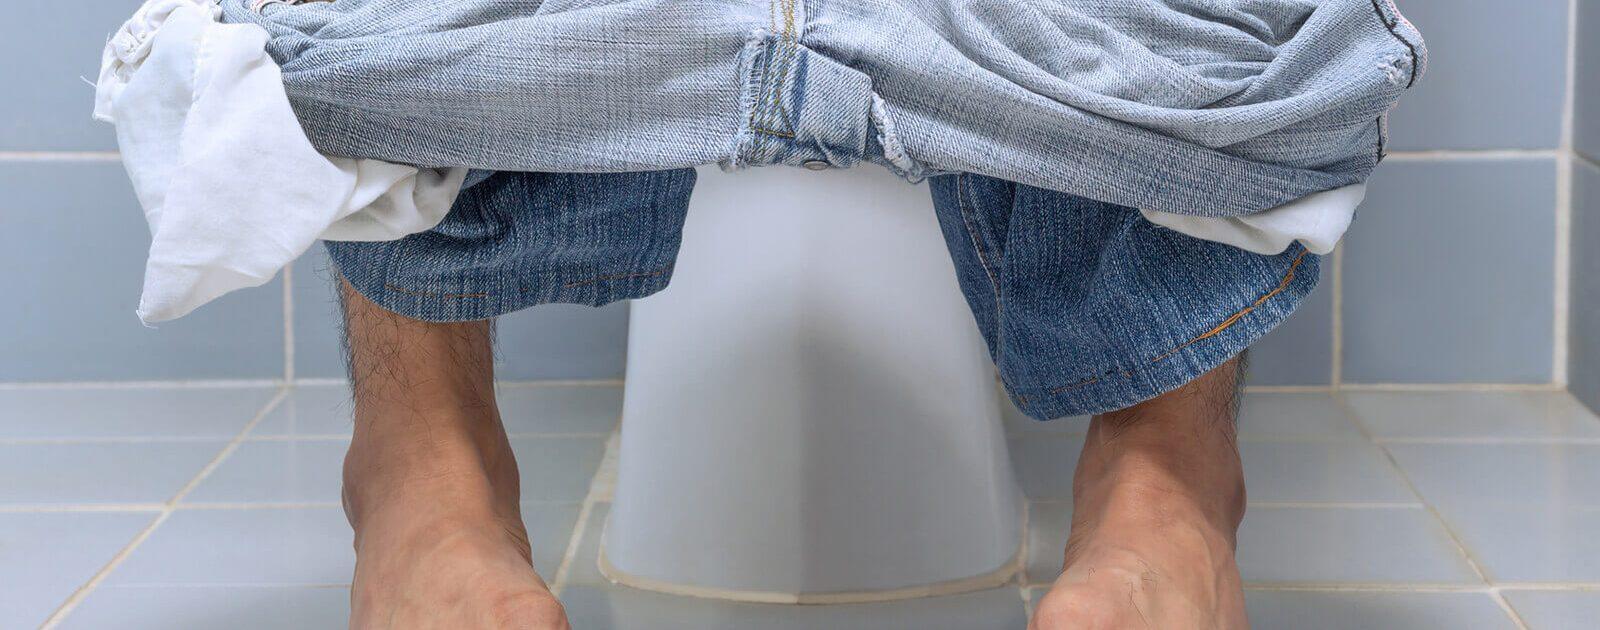 Mann auf Toilette leidet unter Schmerzen beim Wasserlassen